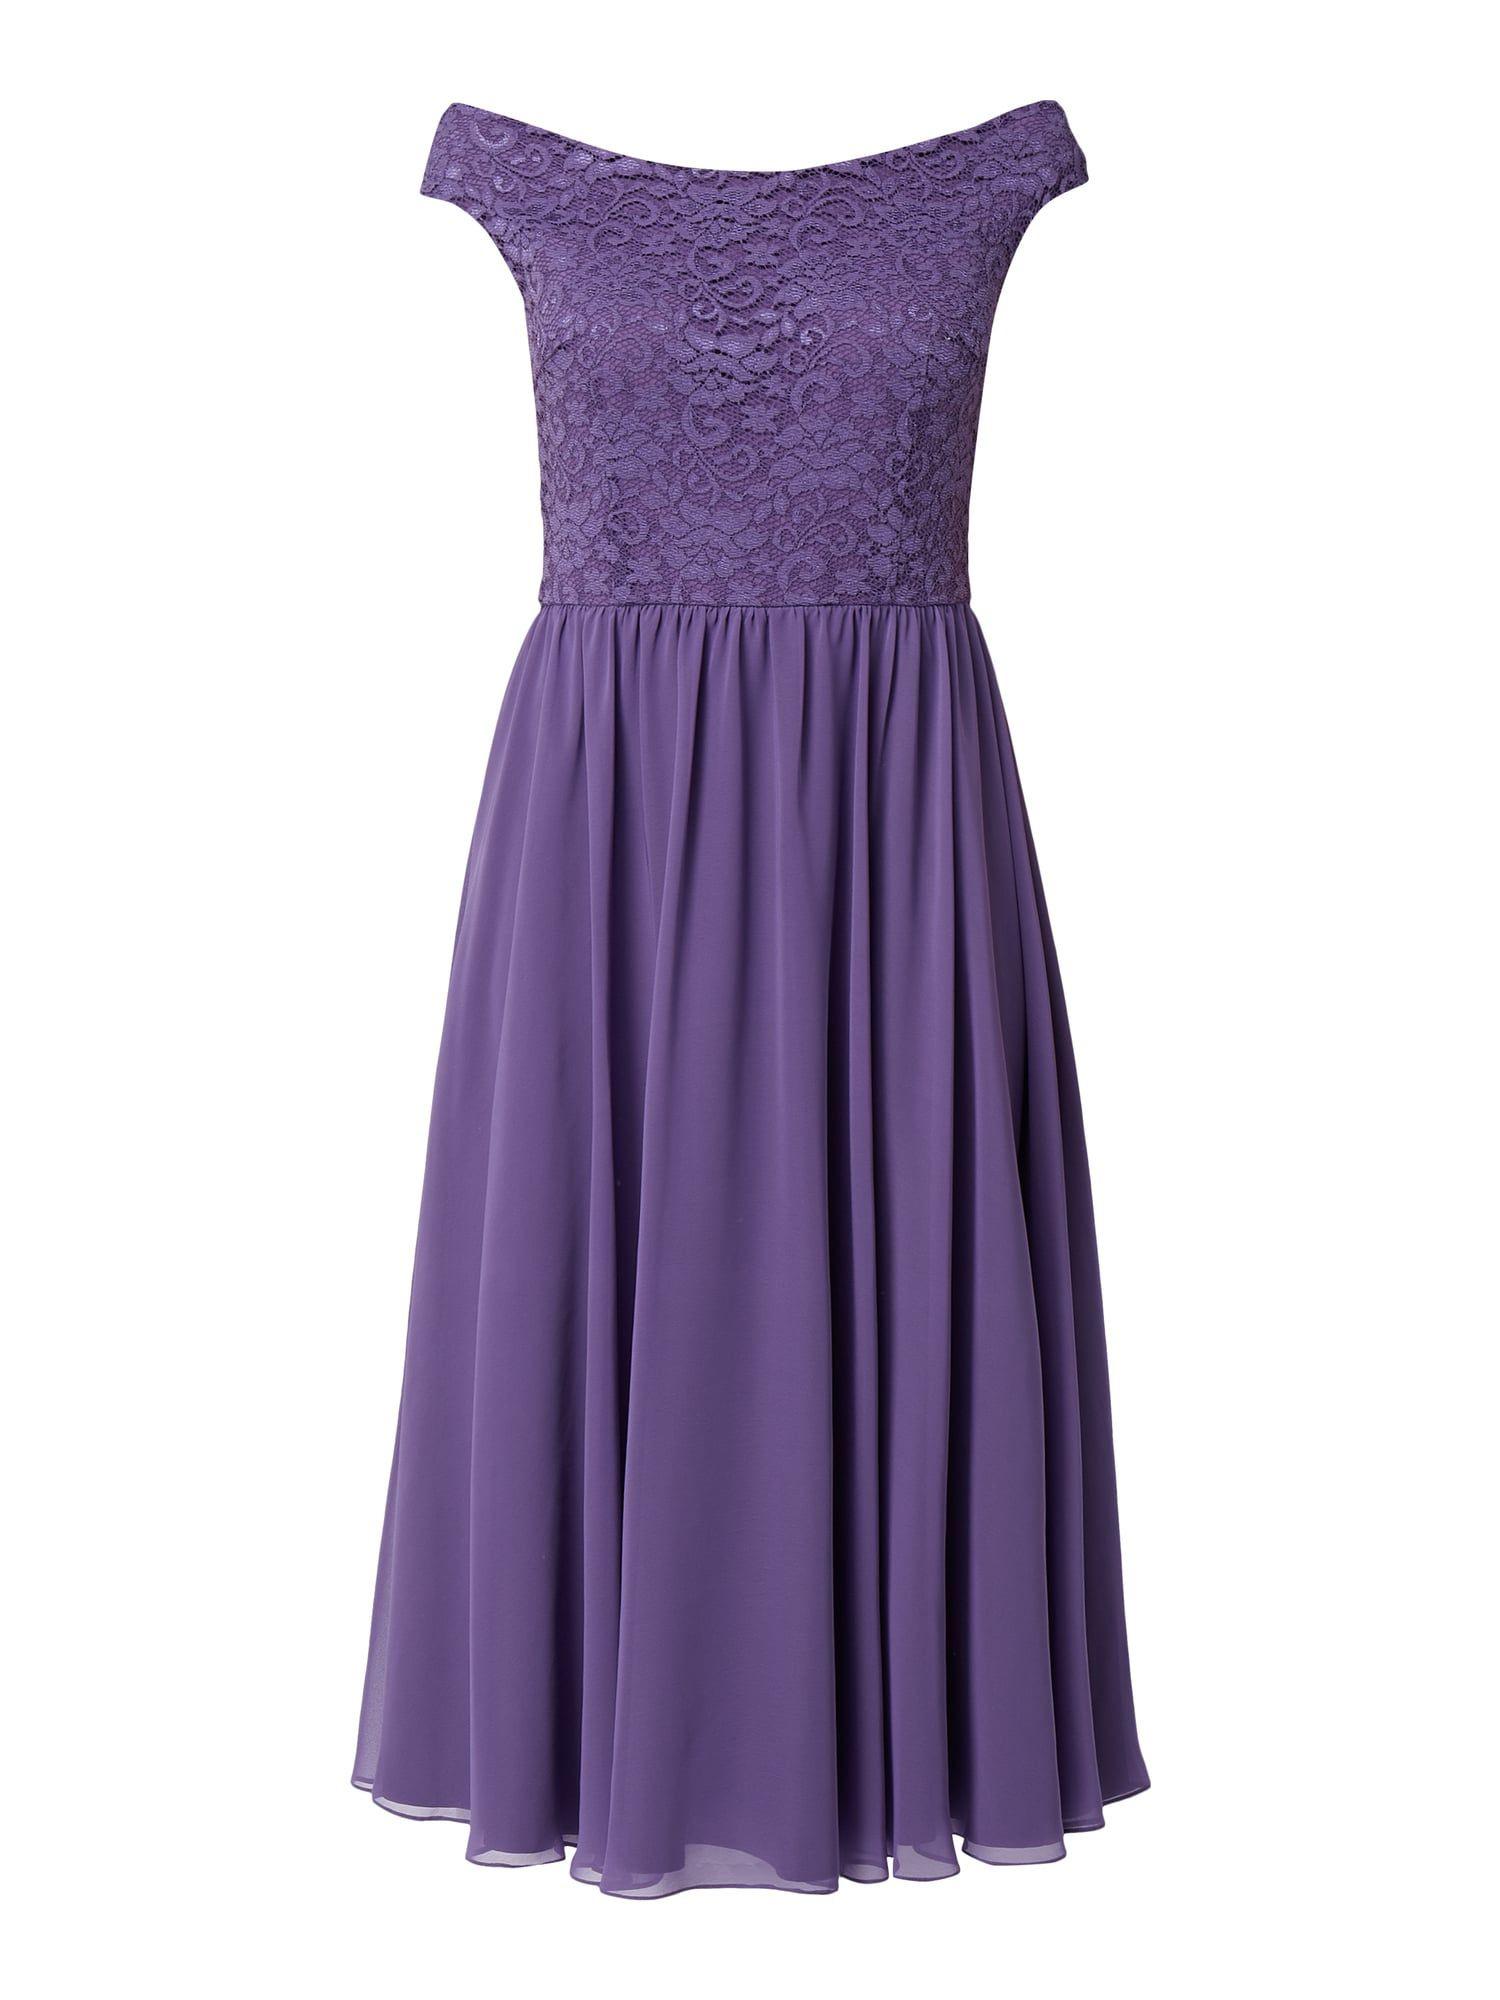 17 Leicht Abendkleider P&C Spezialgebiet Luxurius Abendkleider P&C Galerie